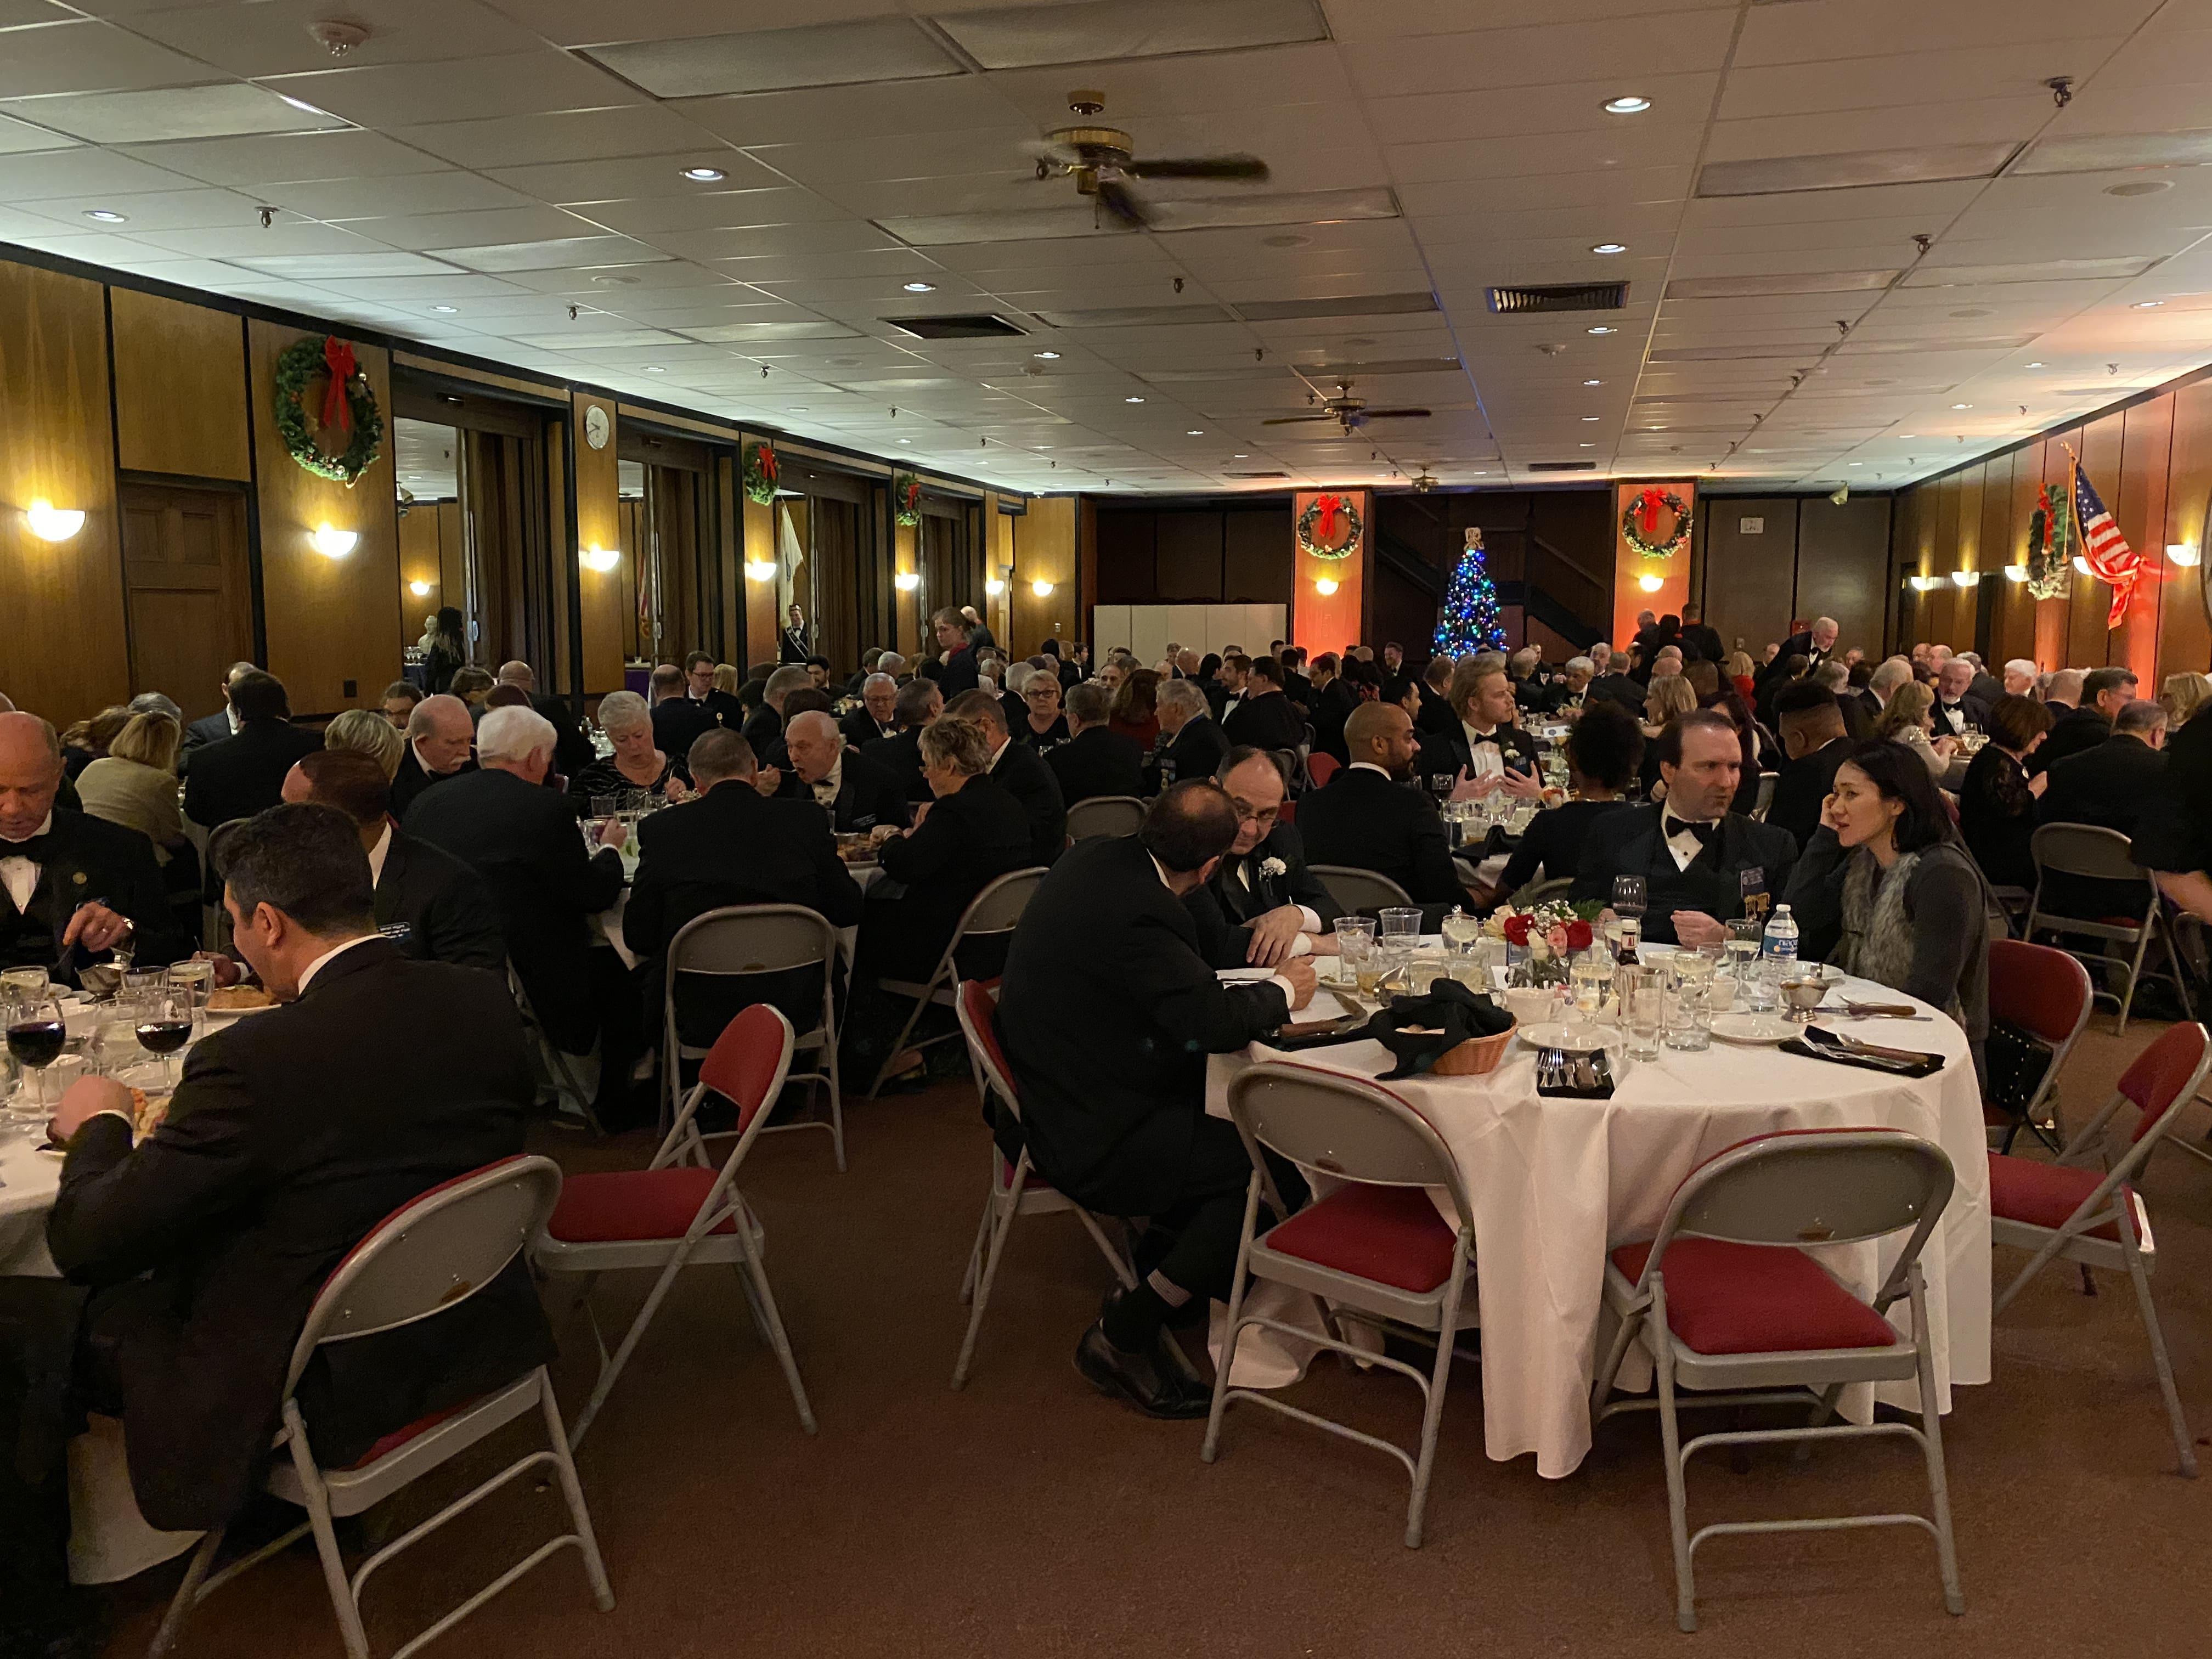 Dining_Room_Crowd_2-min.JPG